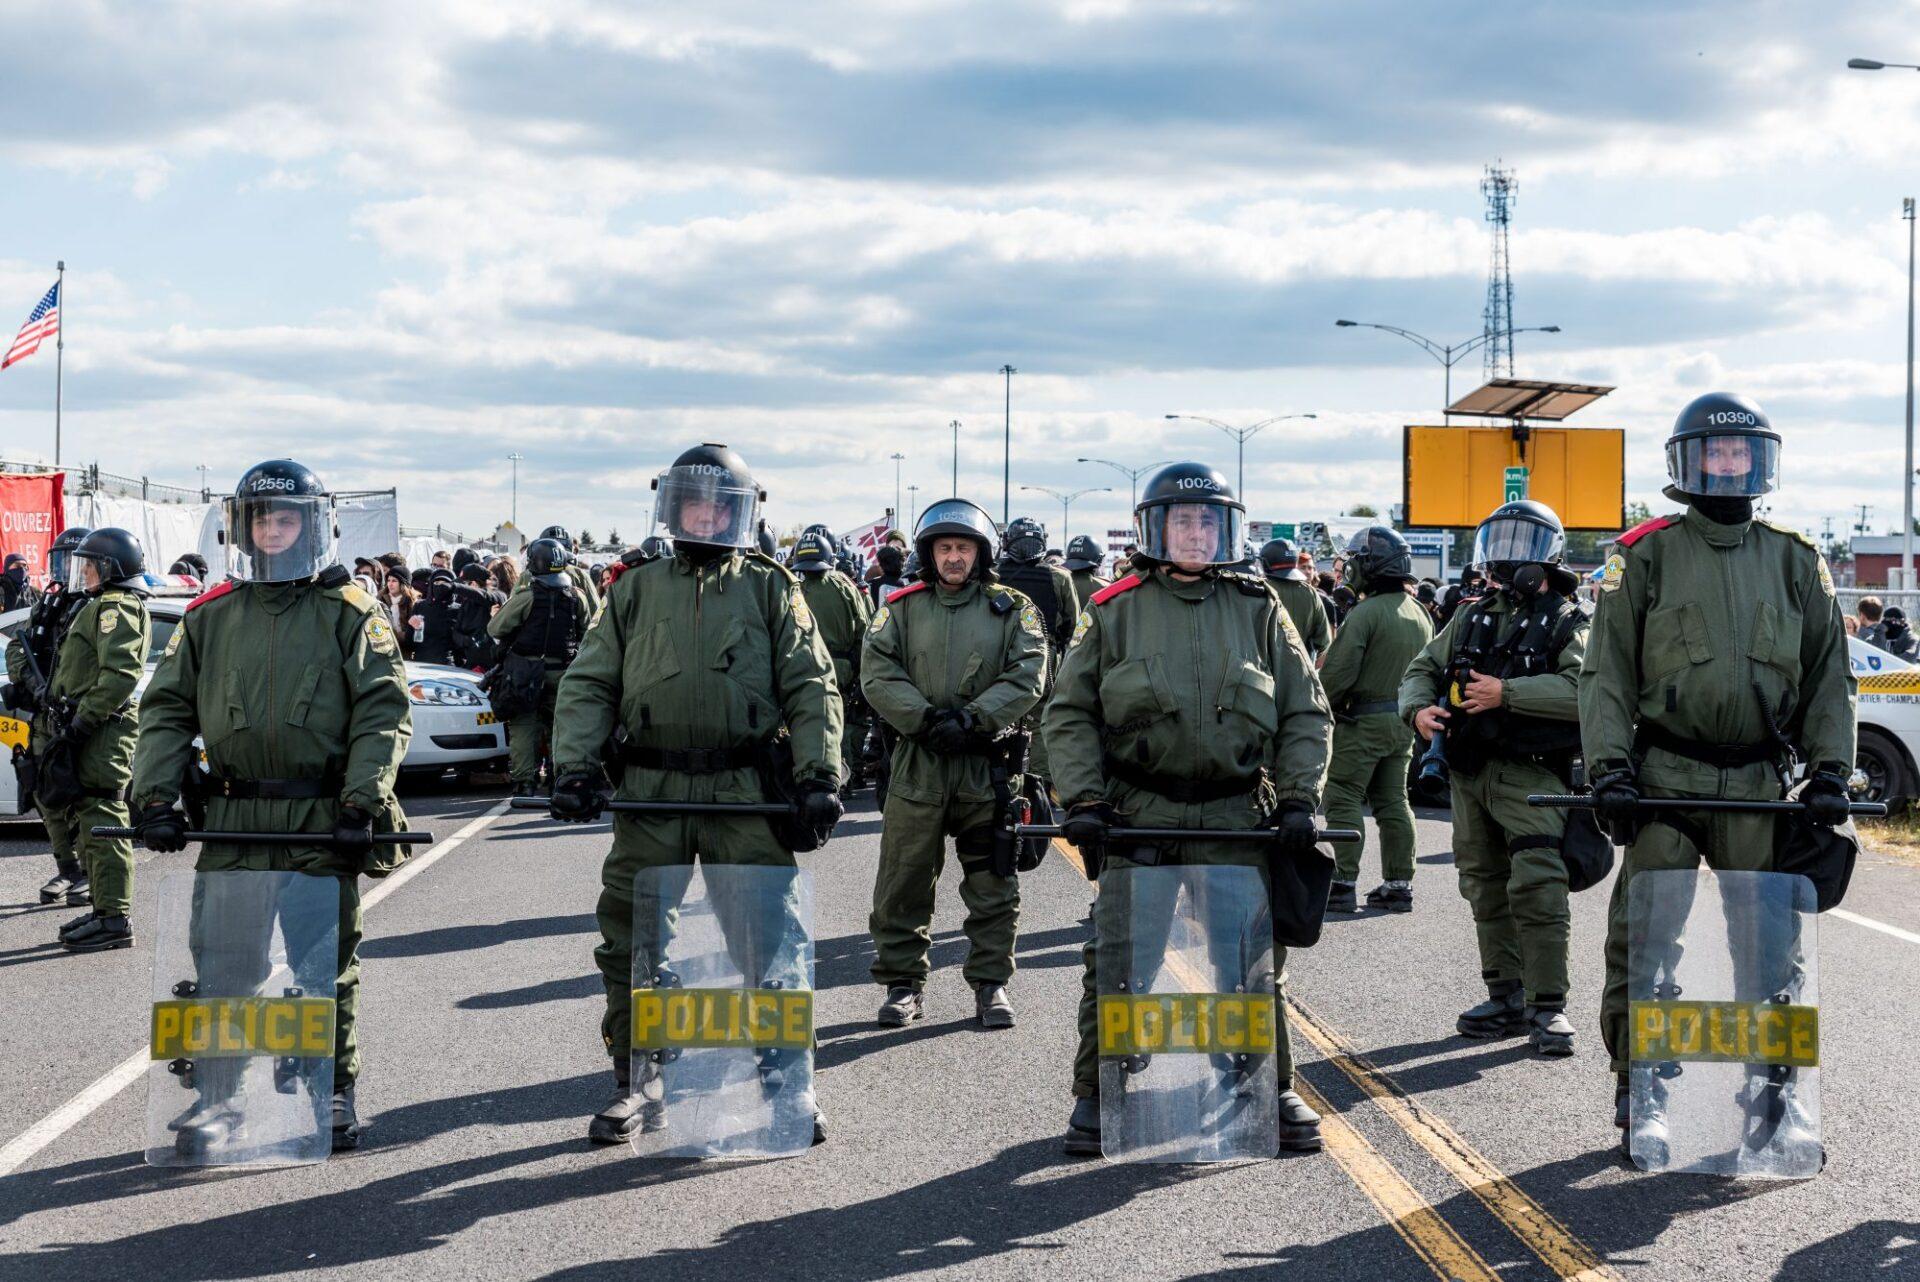 La Sûreté du Québec relâche la tension après le départ des manifestants de Storm Alliance | Photo: Martin Ouellet-Diotte  Montréal Campus